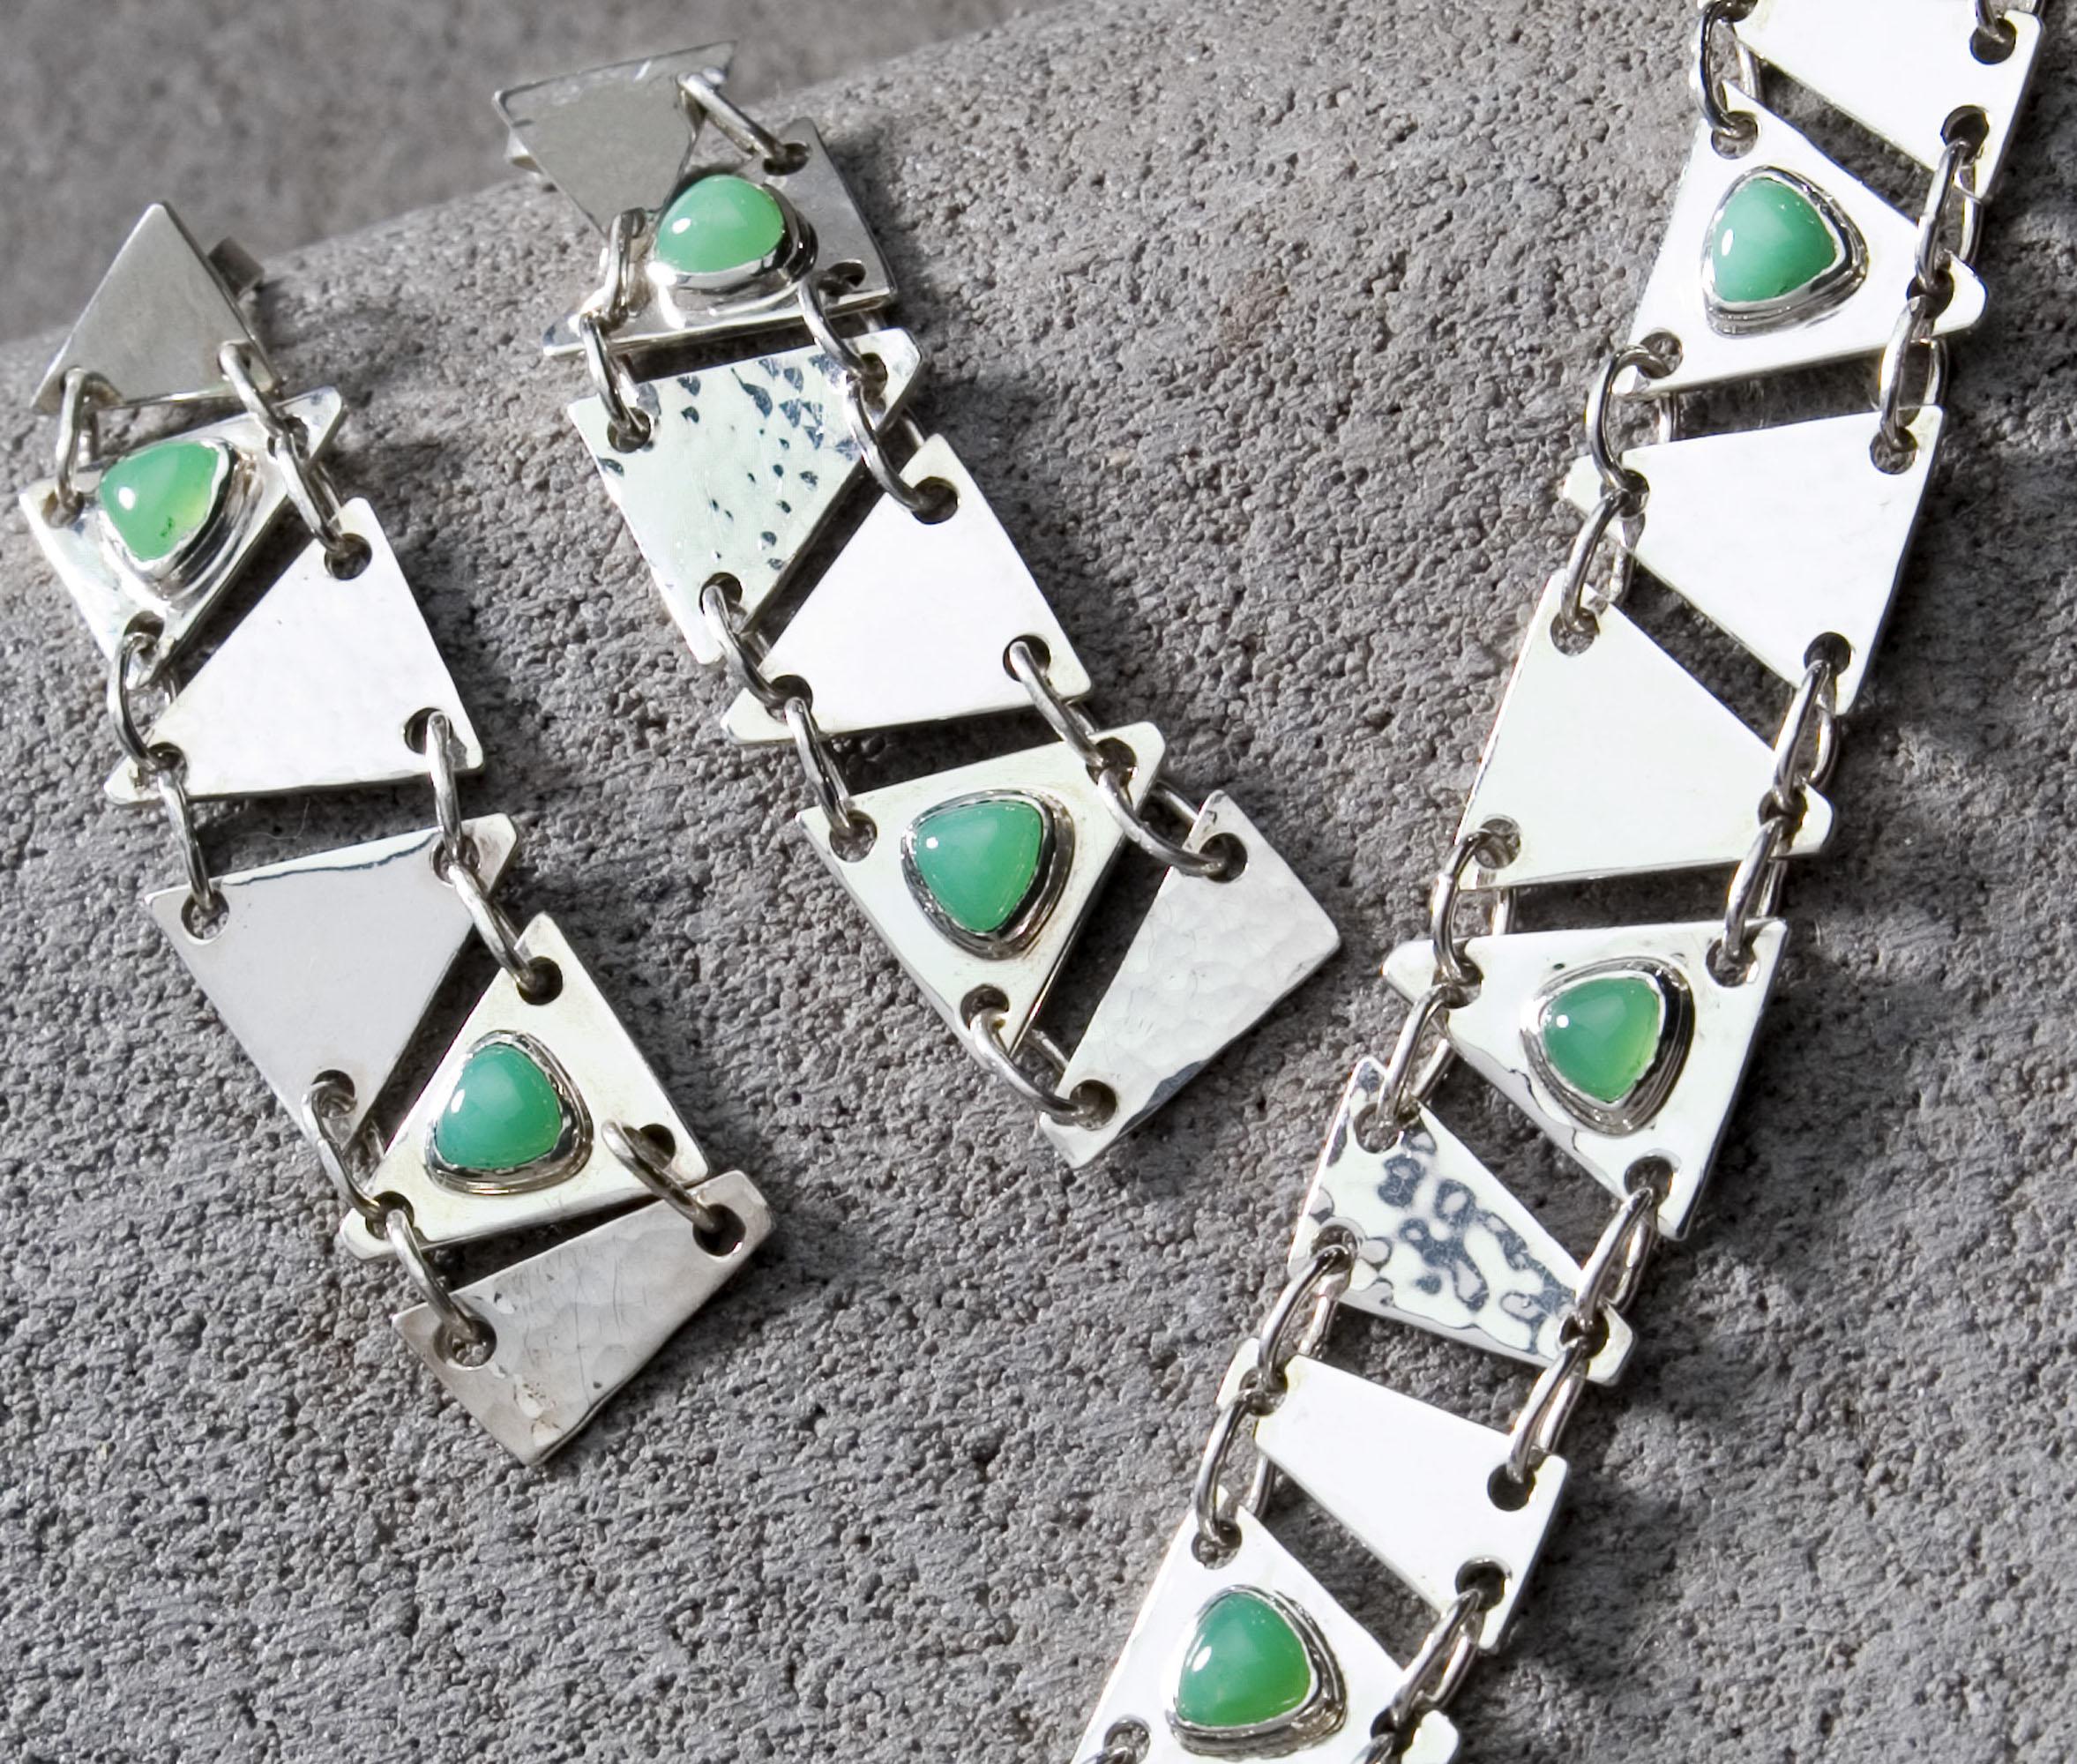 Unieke handgemaakte oorhangers van de edelsmid met groene chrysopraas en zilver. oorsieraad oorsieraden